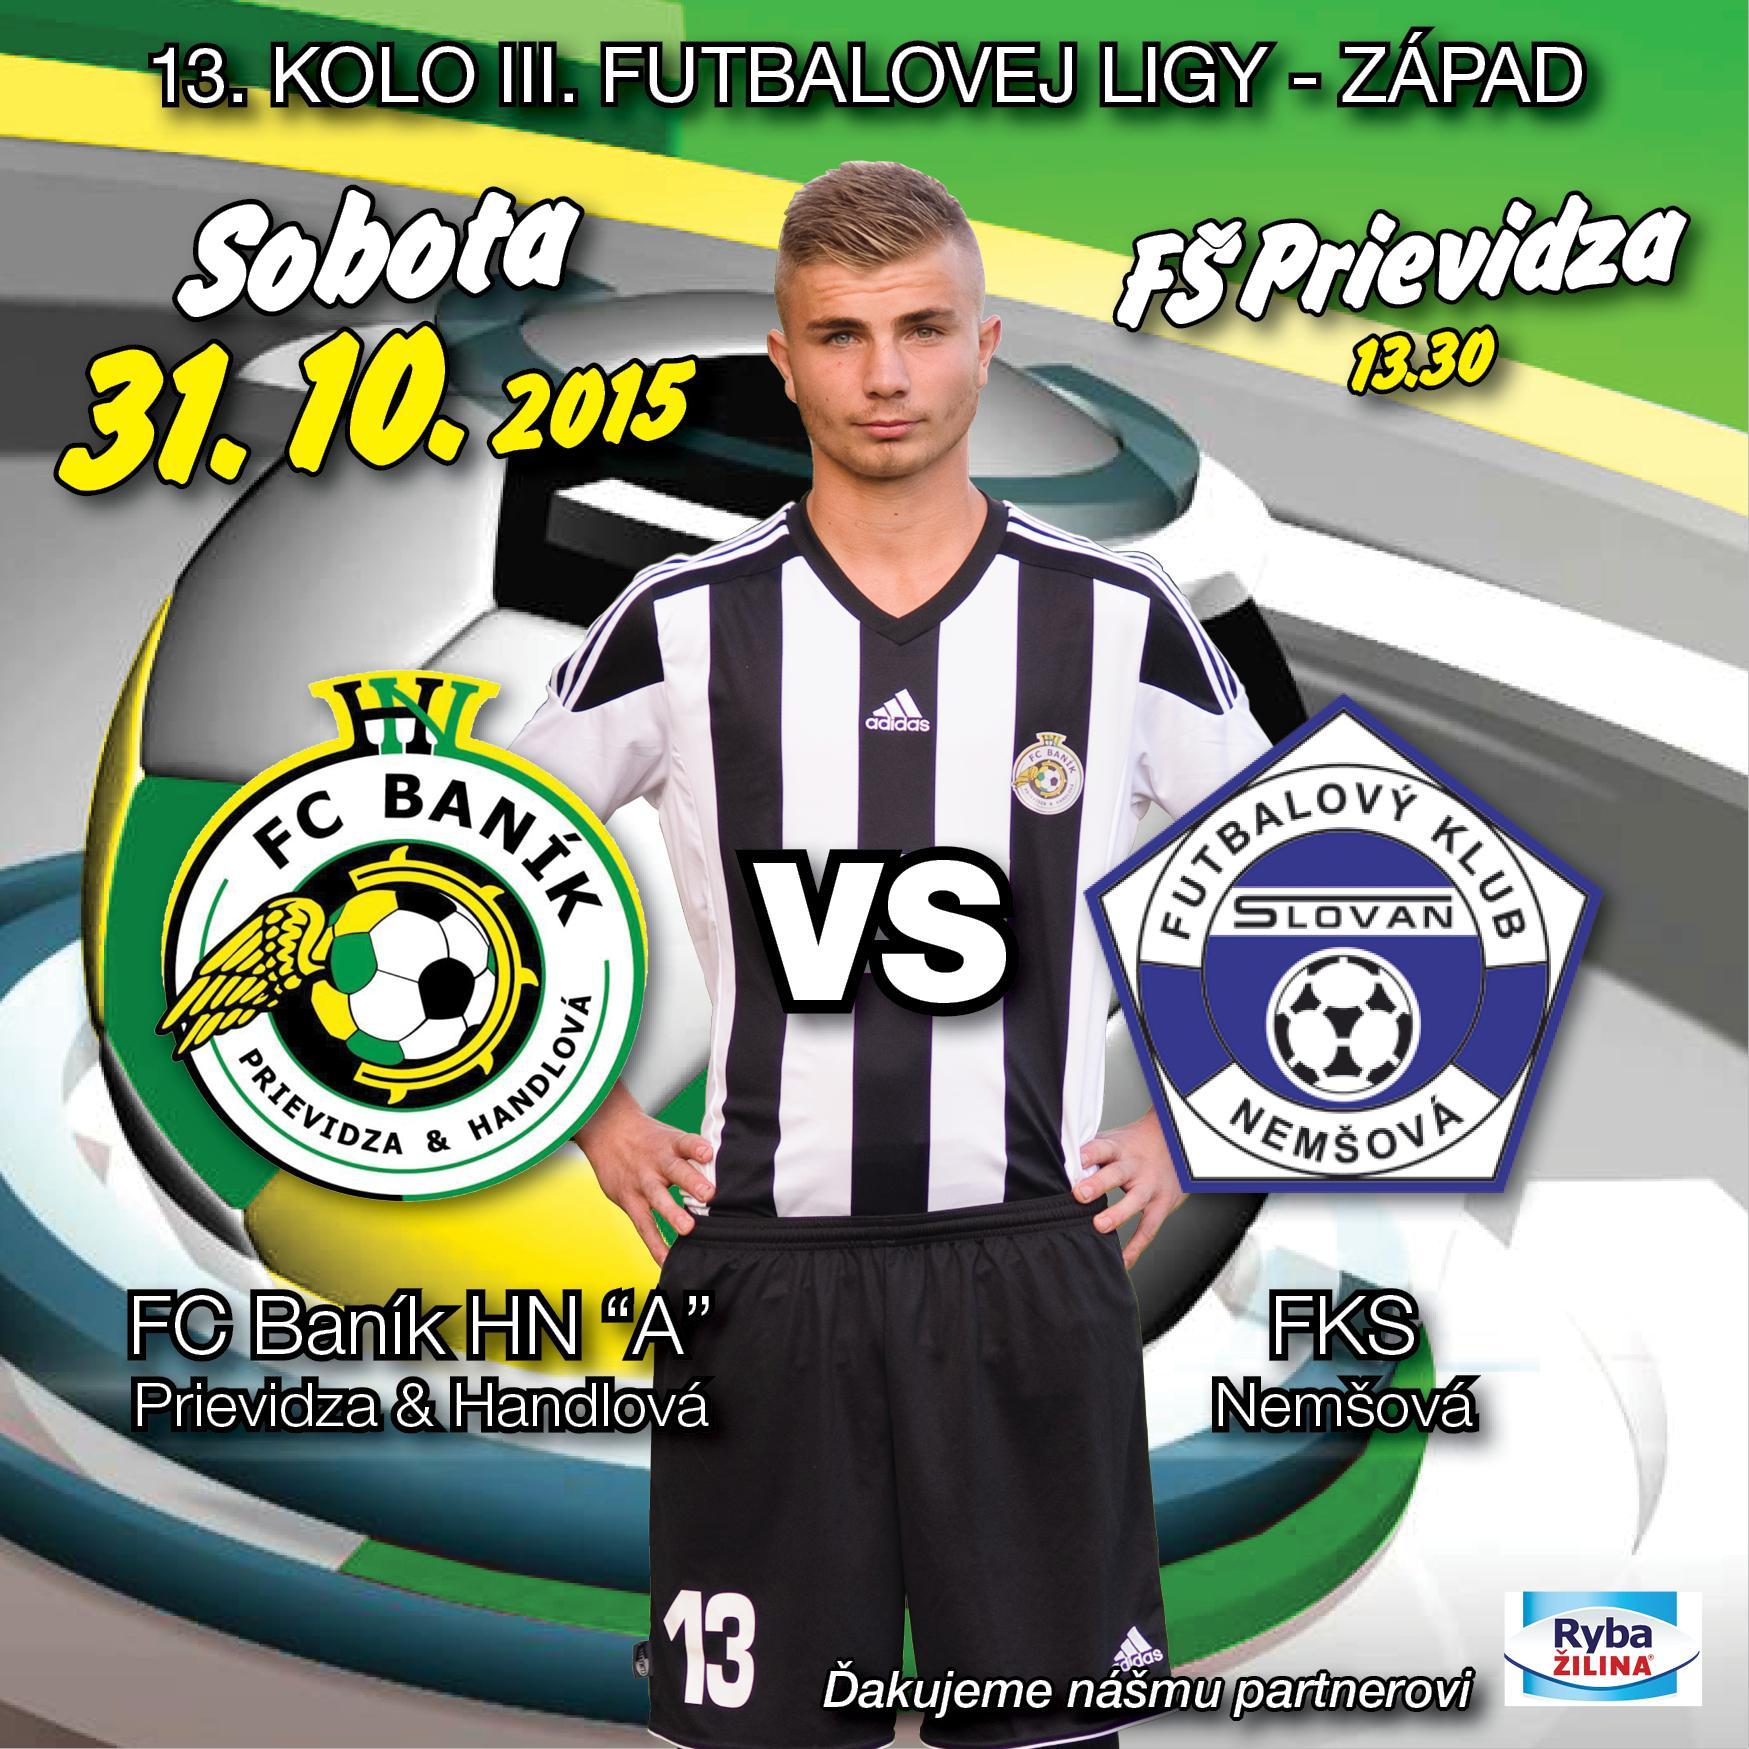 obr: FC Baník HN vs FKS Nemšová